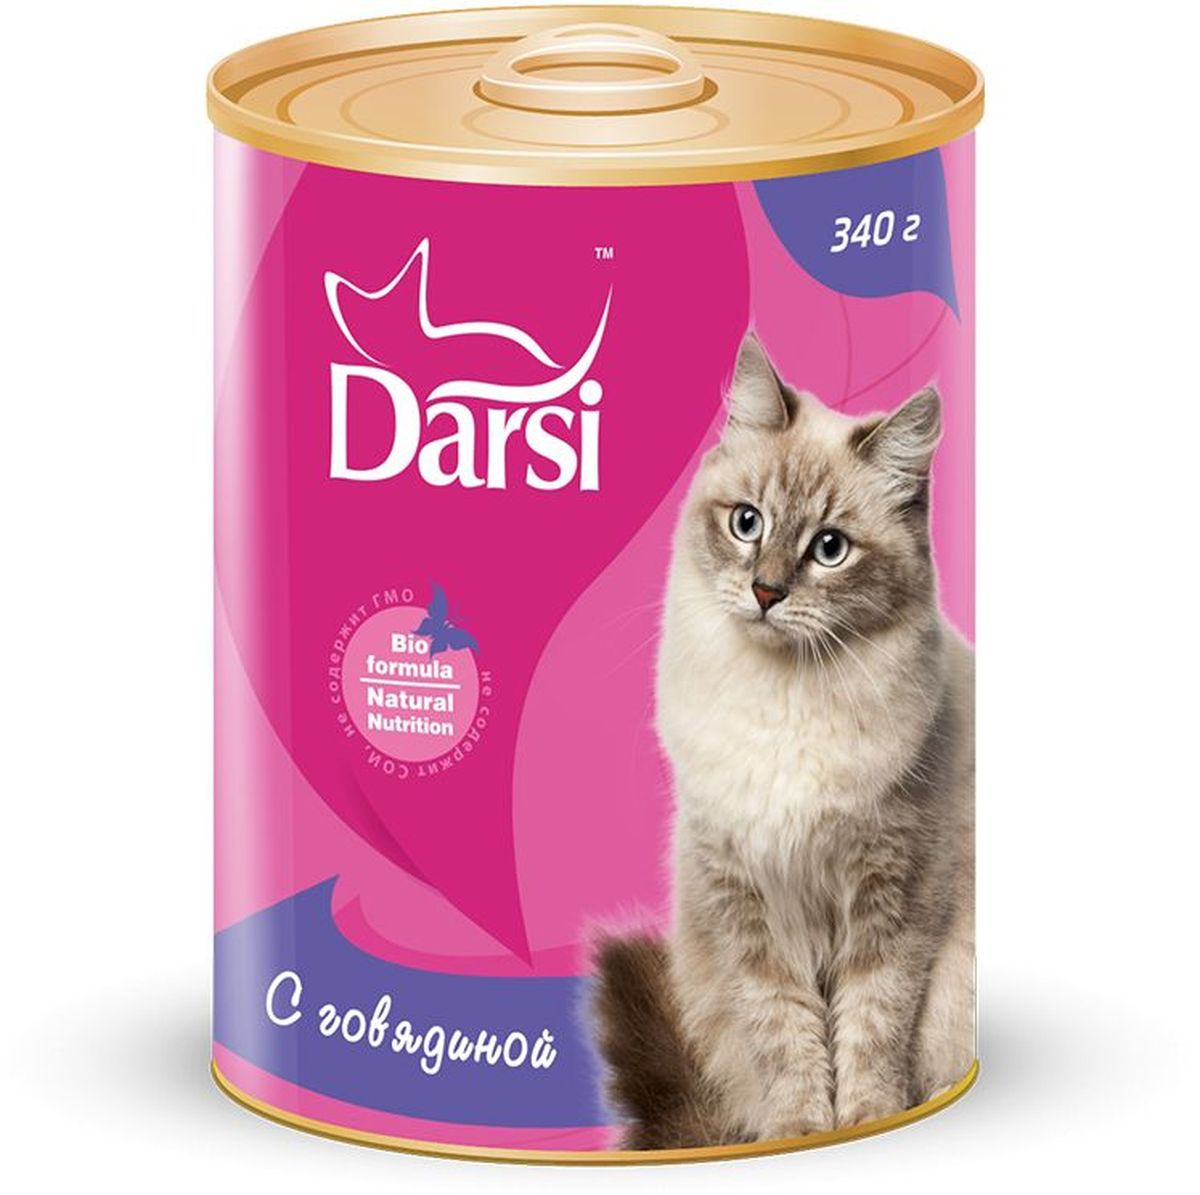 Консервы для кошек Darsi, с говядиной, 340 г9266Консервы Darsi - это полнорационный консервированный корм для кошек в виде фарша. Витамины Е и природные антиоксиданты повышают защитные функции организма вашей кошки от неблагоприятного воздействия окружающей среды. Сбалансированное содержание омега-3 и омега-6 ненасыщенных жирных кислот и органический цинк обеспечивают здоровую кожу и блестящую мягкую шерсть. Сбалансированное соотношение кальция и фосфора способствует правильному развитию костей. Высоко усвояемые питательные вещества способствуют правильной работе кишечника. Состав: говядина, растительный белок, субпродукты мясные, желирующая добавка, костная мука, таурин, растительное масло, злаки, соль, вода. Минеральные вещества: общий фосфор не более 0,9 г, кальций не более 1,1 г. Энергетическая ценность: 83 ккал.Товар сертифицирован.